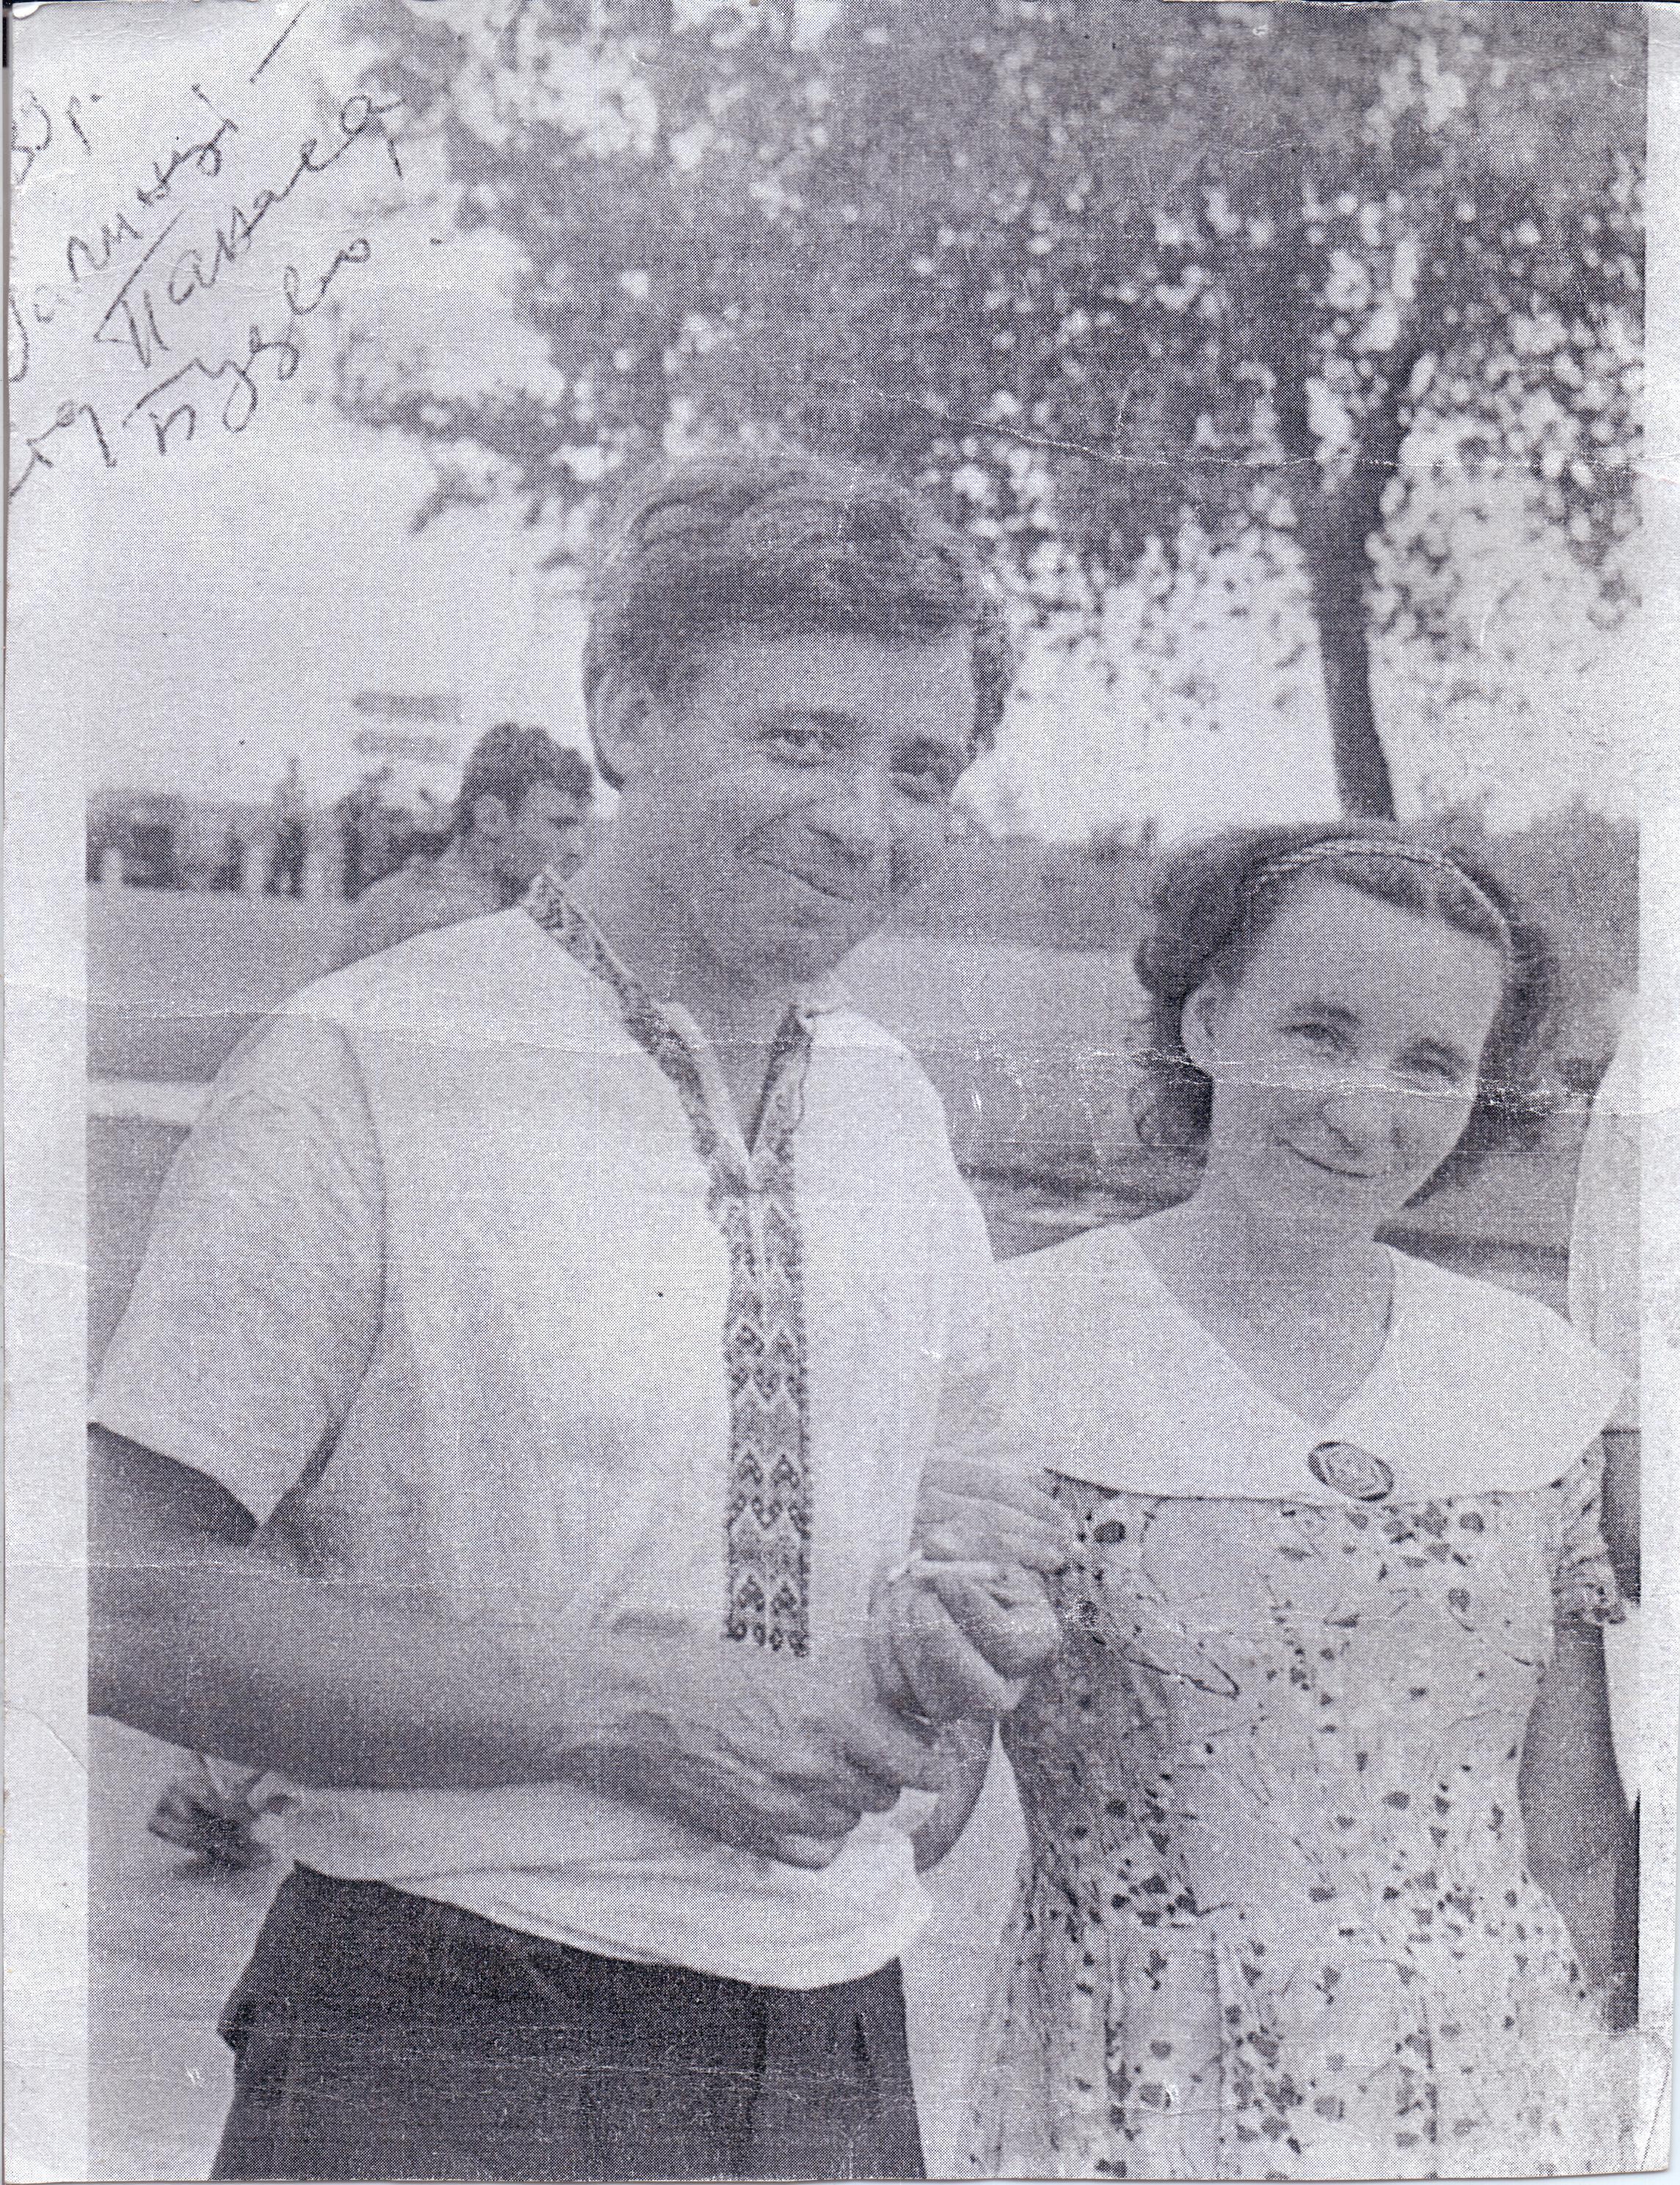 Opanas Zalyvakha and Halyna Zubchenko, 1969